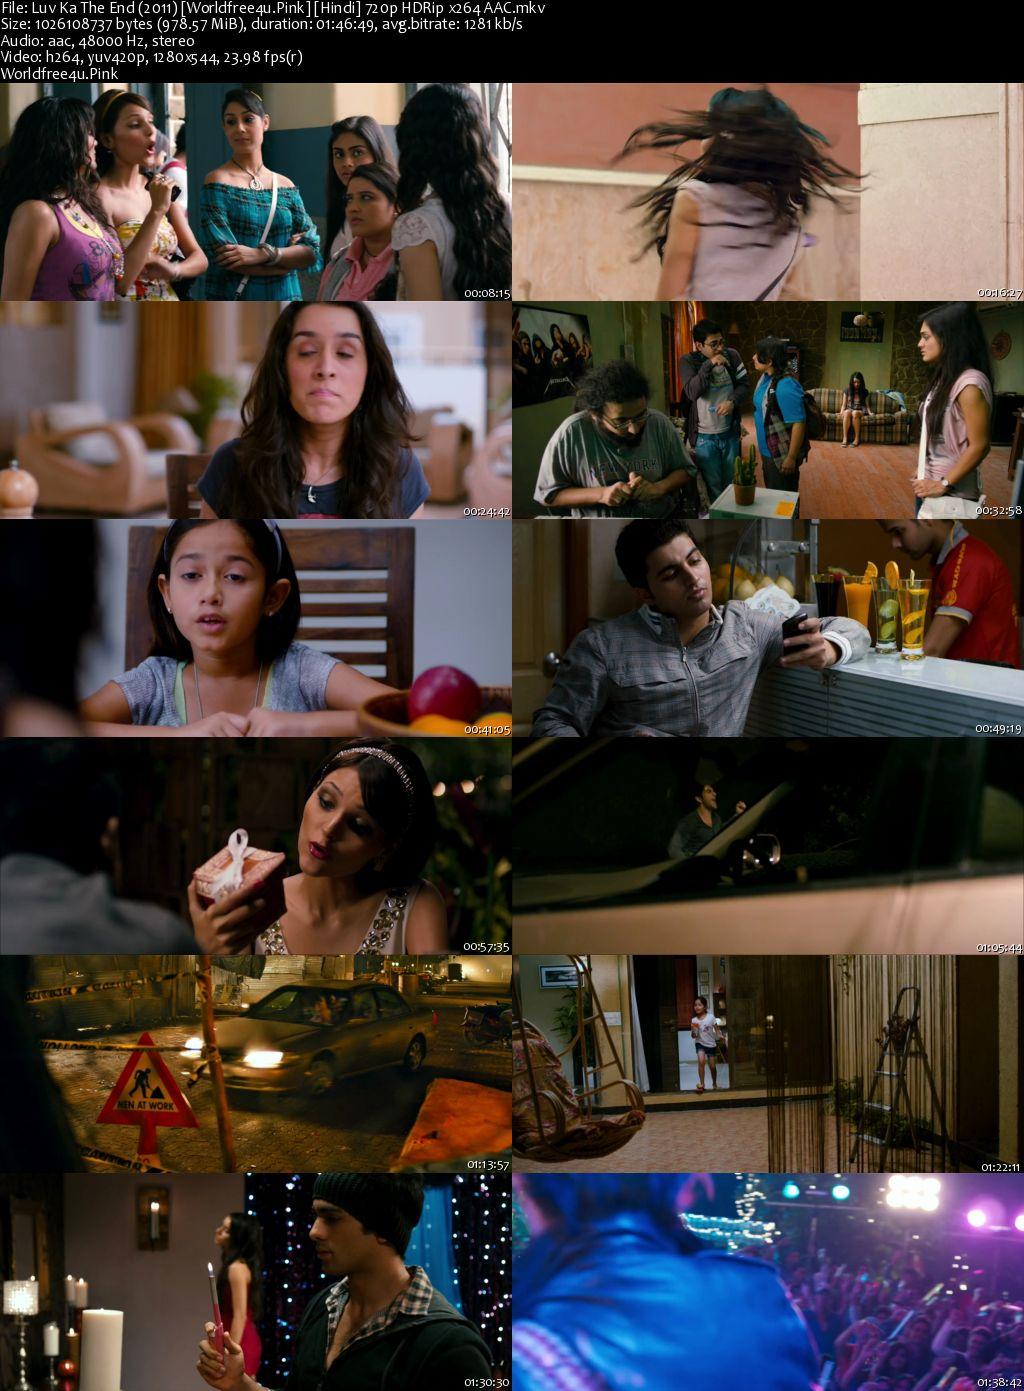 Luv Ka the End 2011 Hindi HDRip 720p